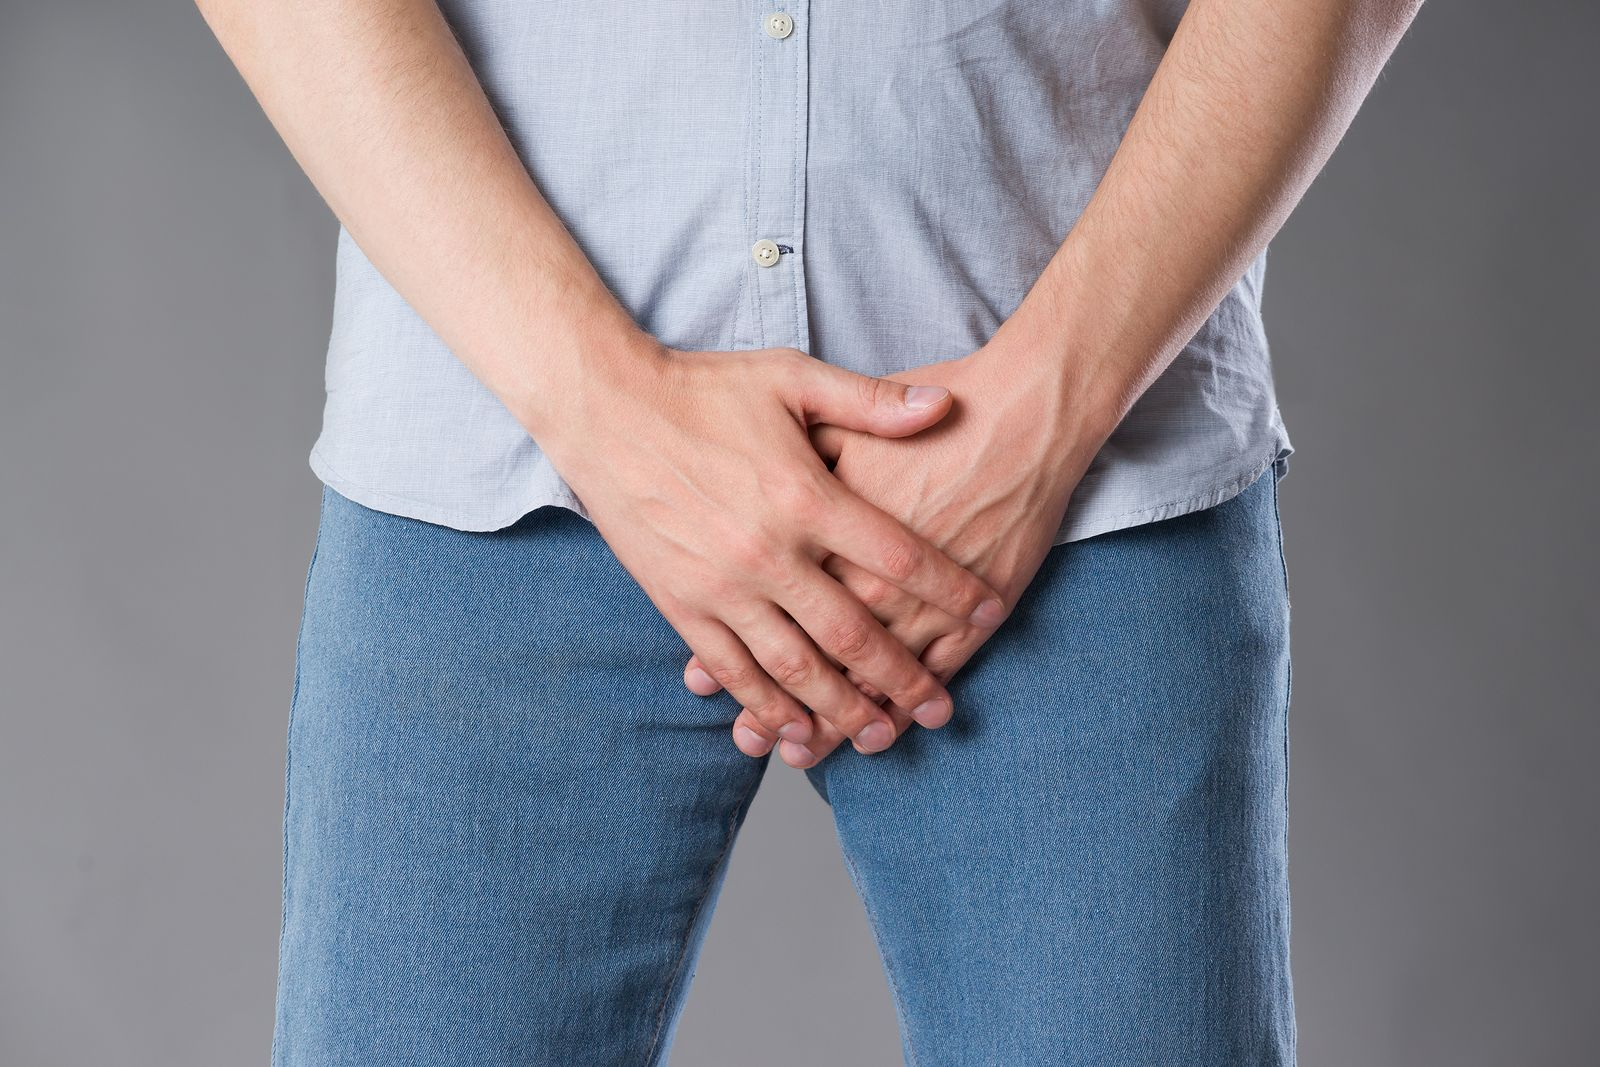 Pautas para el tratamiento de la prostatitis aguda 2020